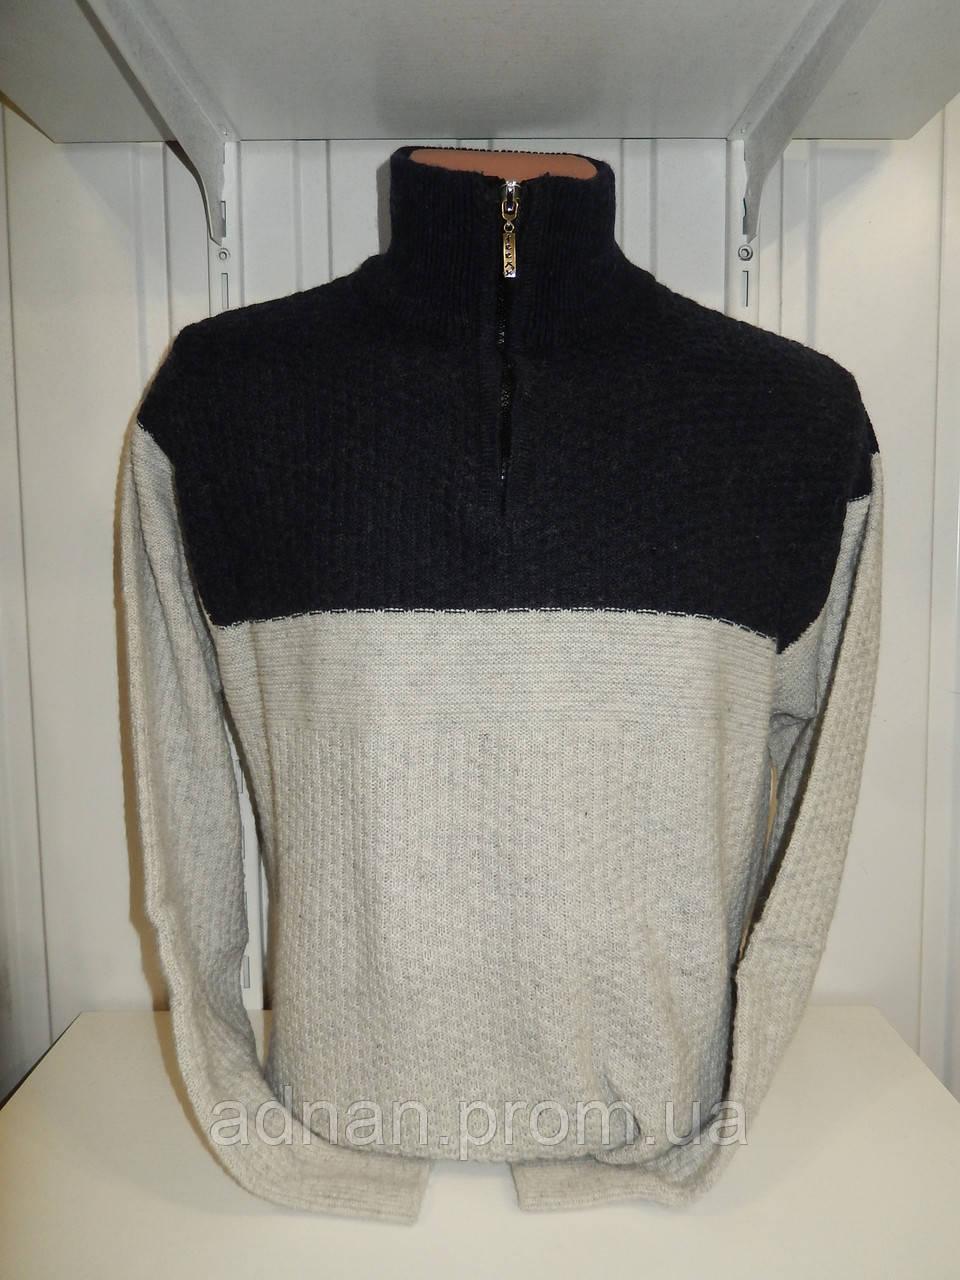 Свитер зимний, пол-замка WOOLPARK модель №763 001/ купить оптом свитер зимний